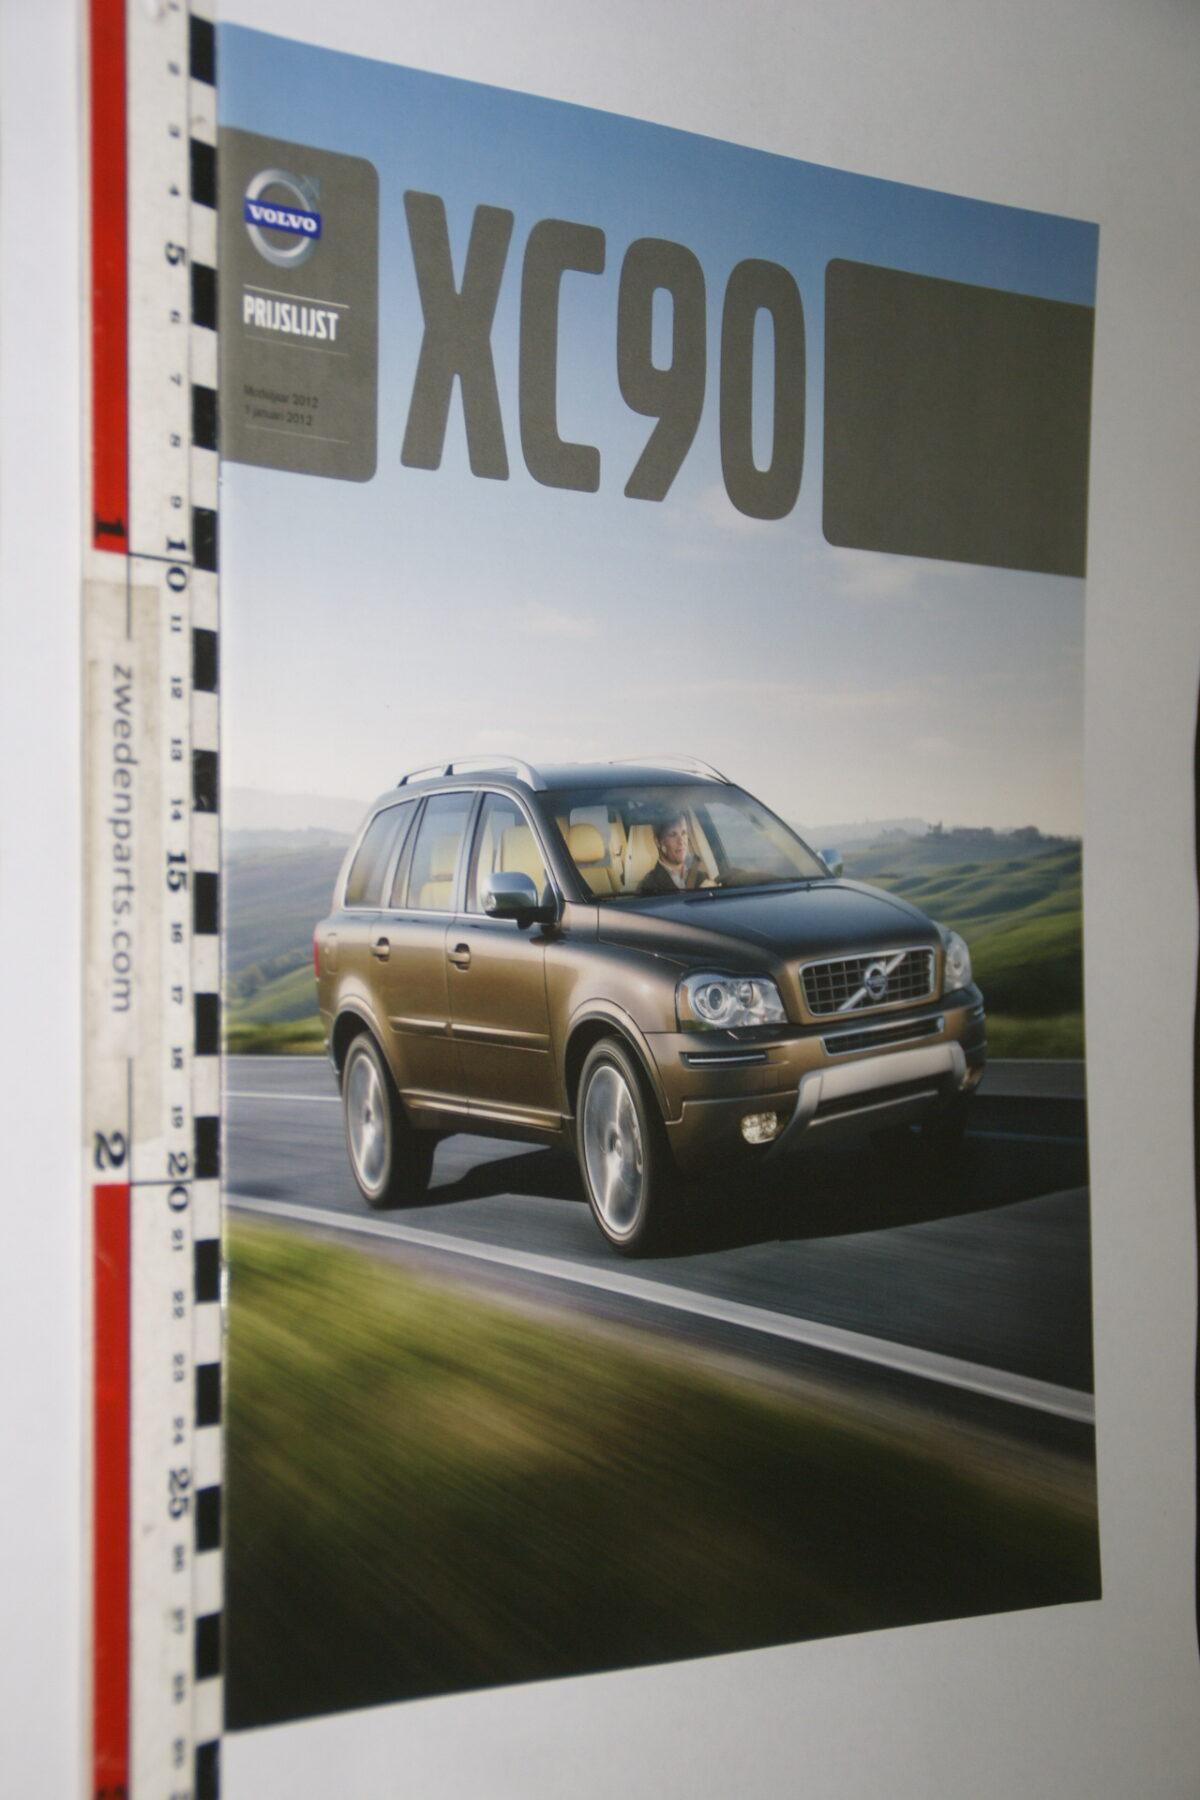 DSC04448 2012 brochure Volvo XC90 nr. MY 12 01-2012-V3-d2f43e1a